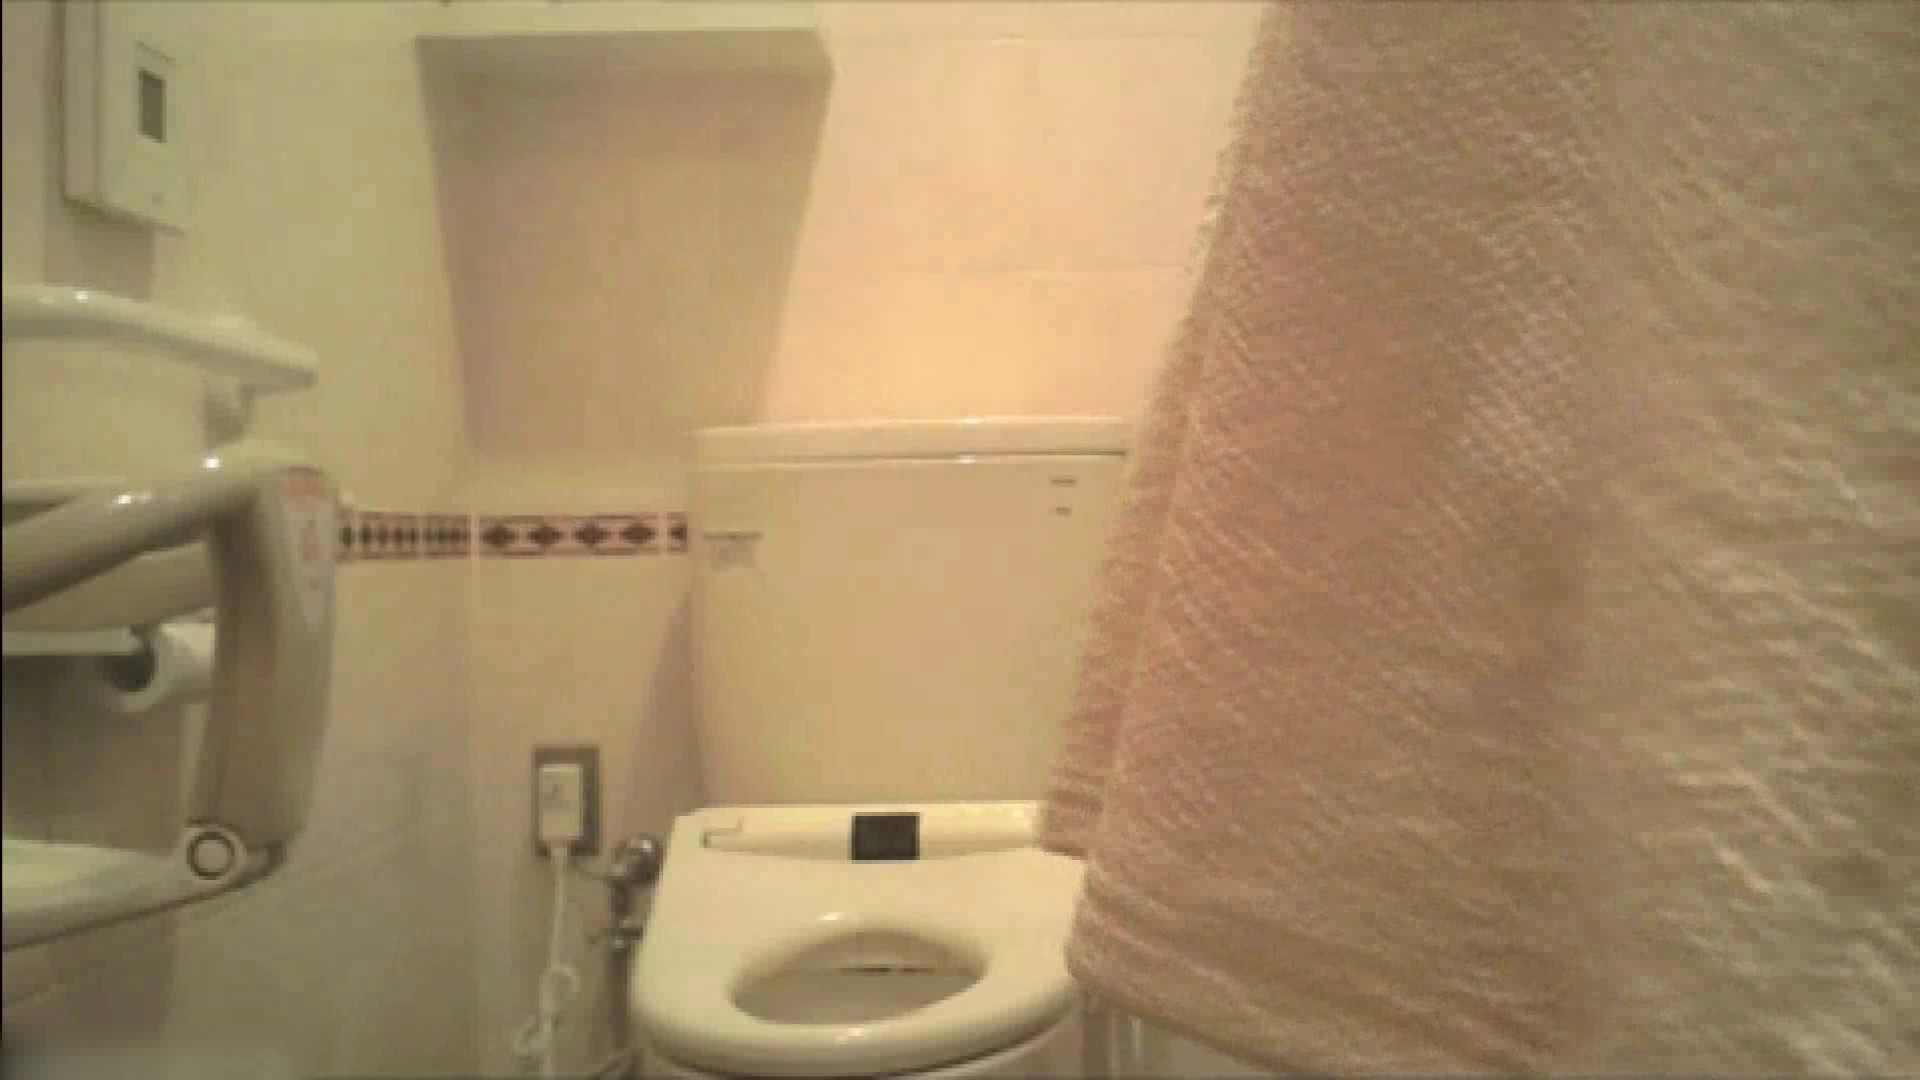 実録!!綺麗なお姉さんのトイレ事情・・・。vol.18 お姉さん丸裸 オマンコ動画キャプチャ 74pic 50